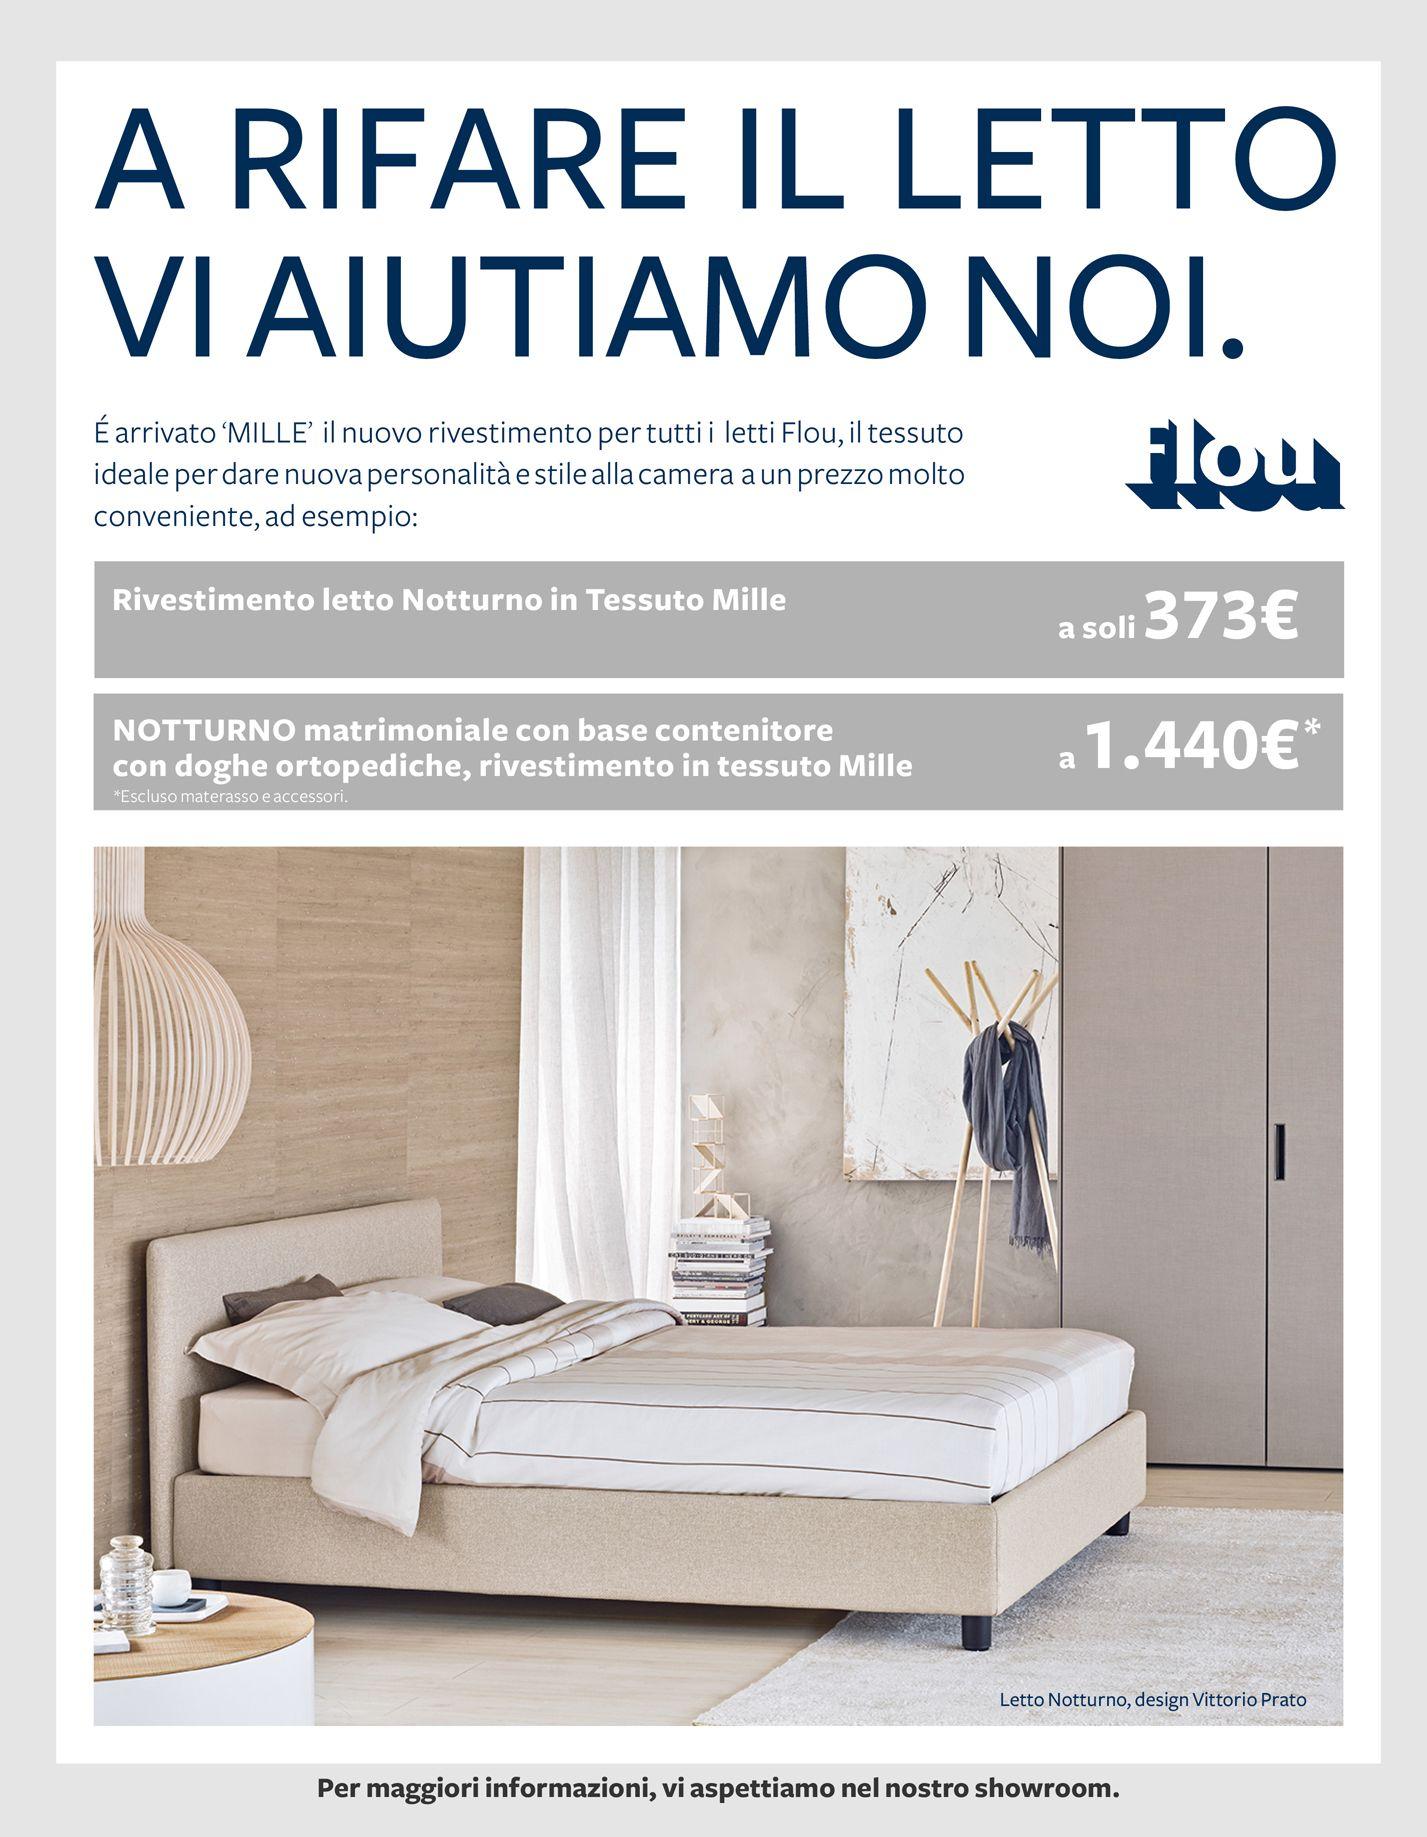 Mariani abitare oggi ivrea presenta la nuova tirella 1000 di flou mobili mariani - Bonus mobili scadenza ...